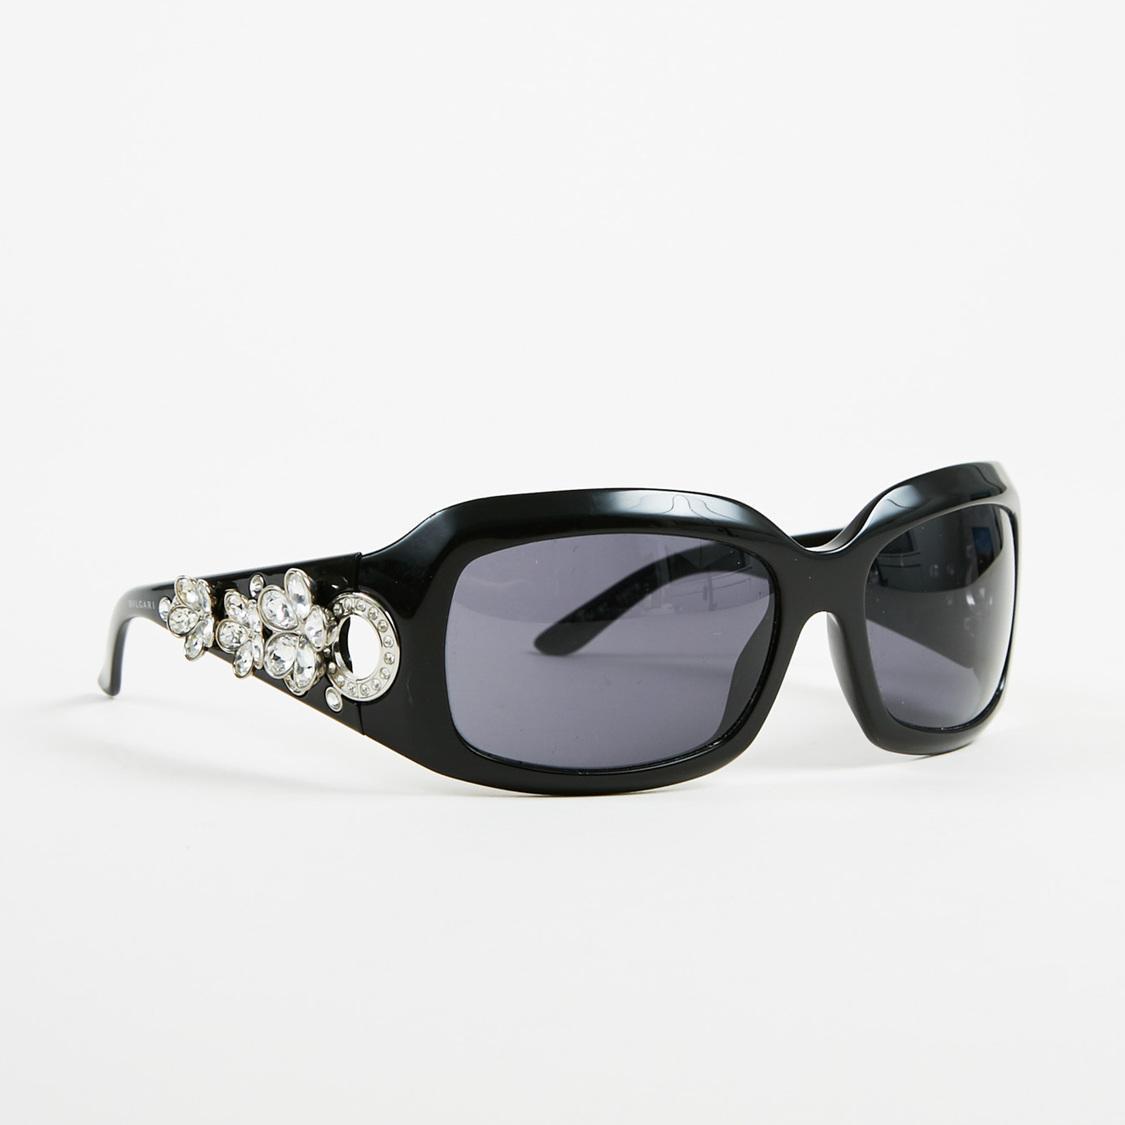 8af85d7034 Lyst - Bvlgari Black Swarovski Crystal Embellished Oversized ...